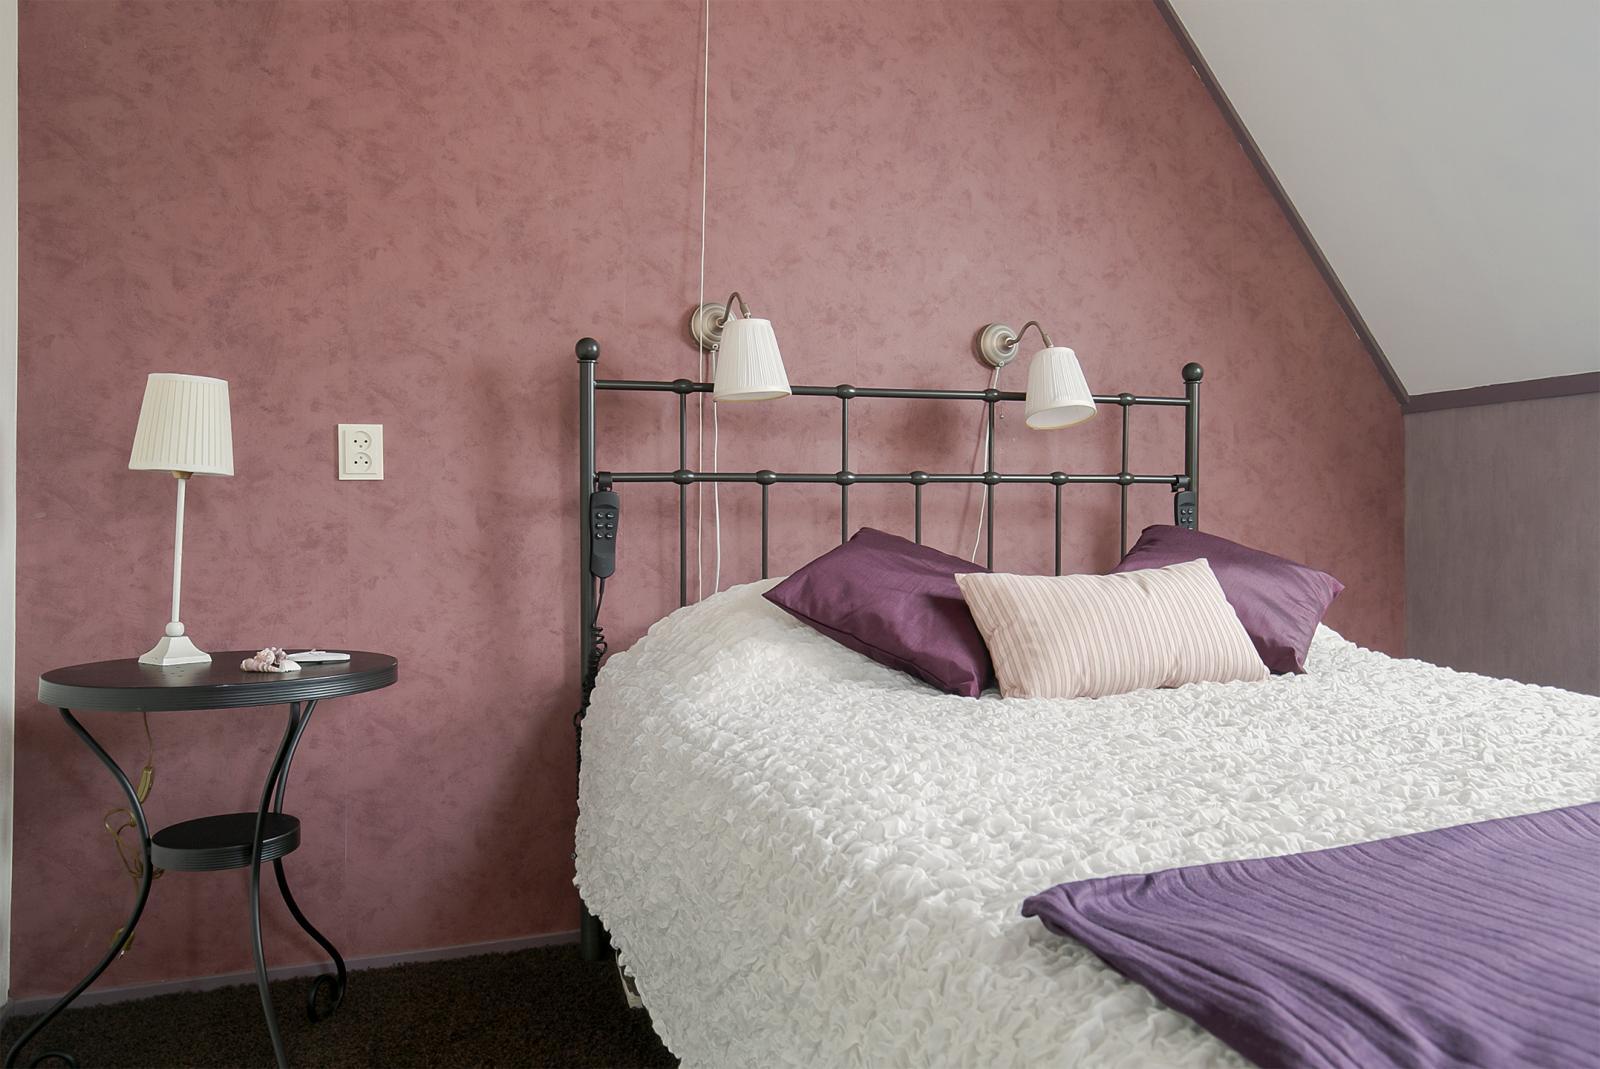 zeino-van-burmaniastrjitte-5-oppenhuizen-1203